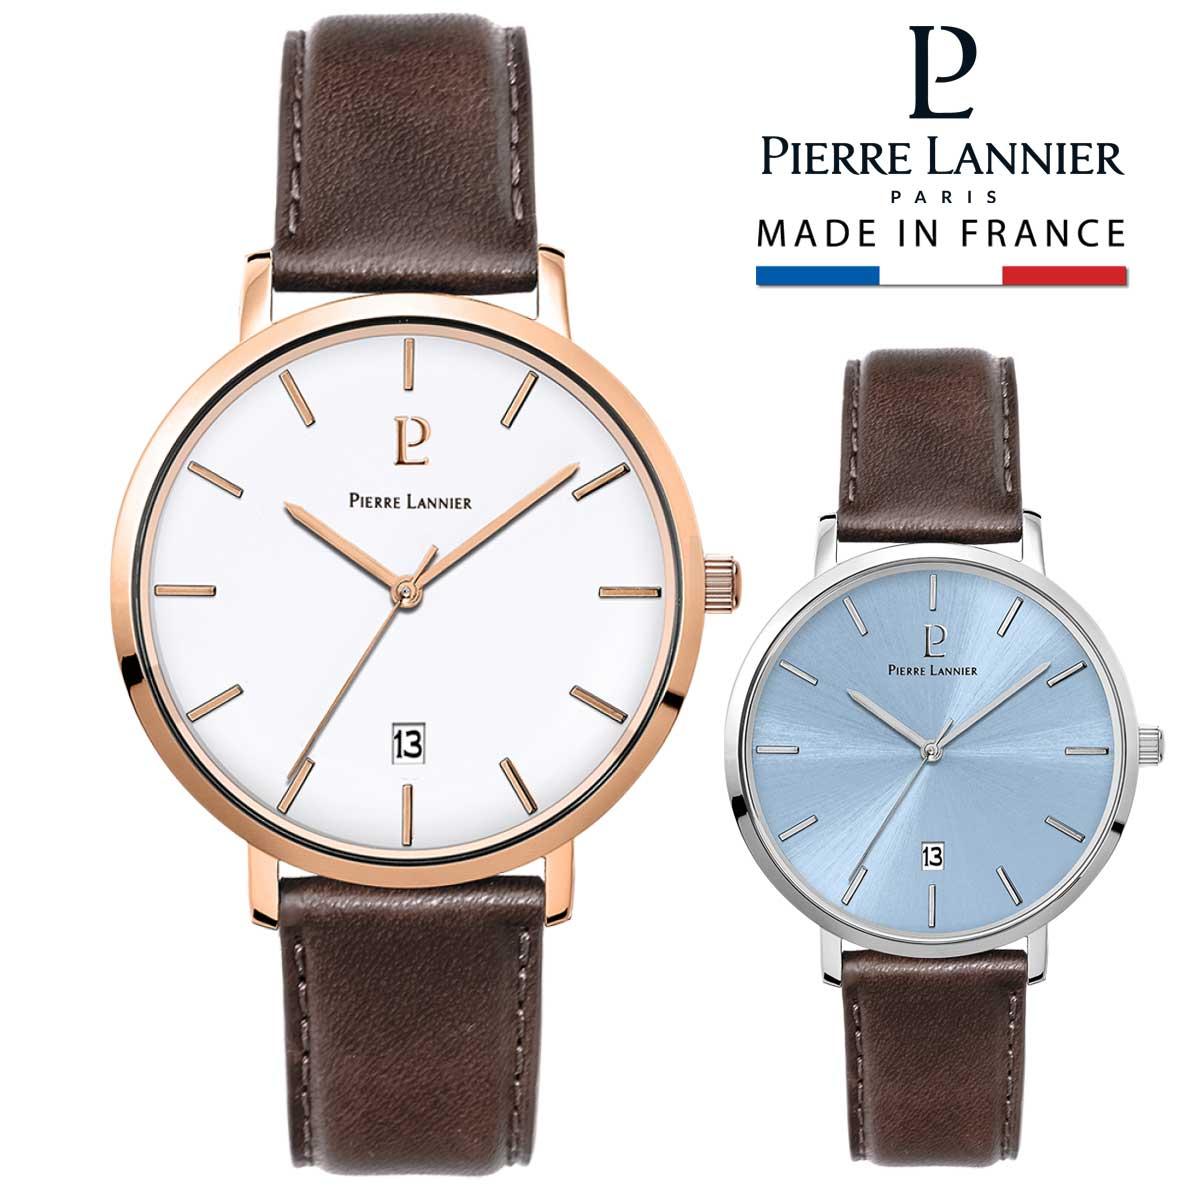 腕時計 メンズ ブランド ピエールラニエ ECHO レザーベルト ウォッチ ホワイト ブルー 3気圧防水 ステンレス ベルト 丸型 秒針 日付<BR>p258l184 p260f404 ペアウォッチ おすすめ 父の日 お祝い